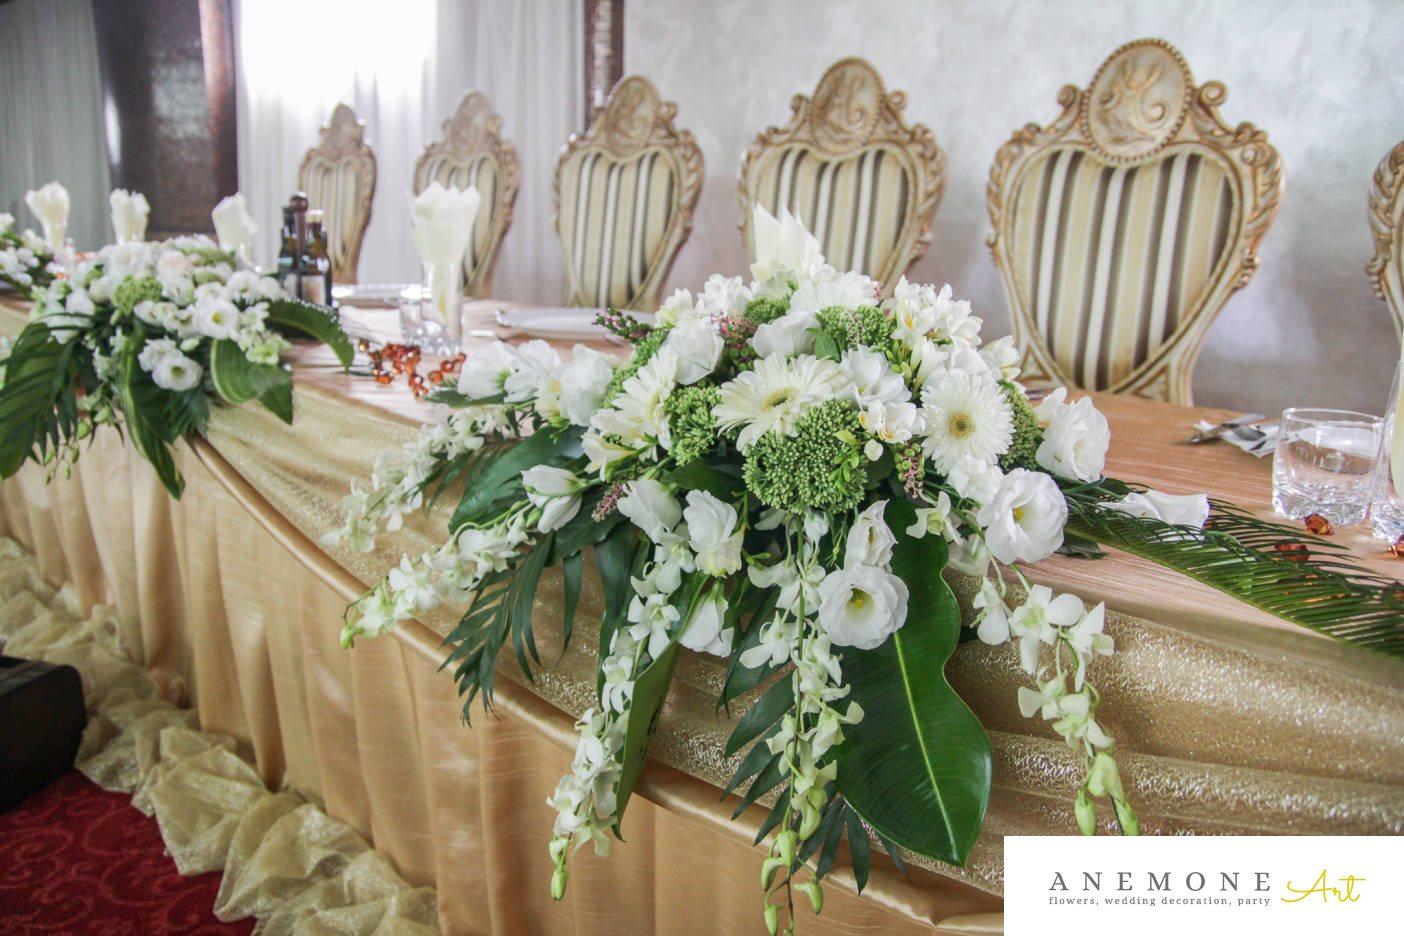 Poza, foto cu Flori de nunta hortensia, lisianthus, orhidee, prezidiu in Arad, Timisoara, Oradea (wedding flowers, bouquets) nunta Arad, Timisoara, Oradea